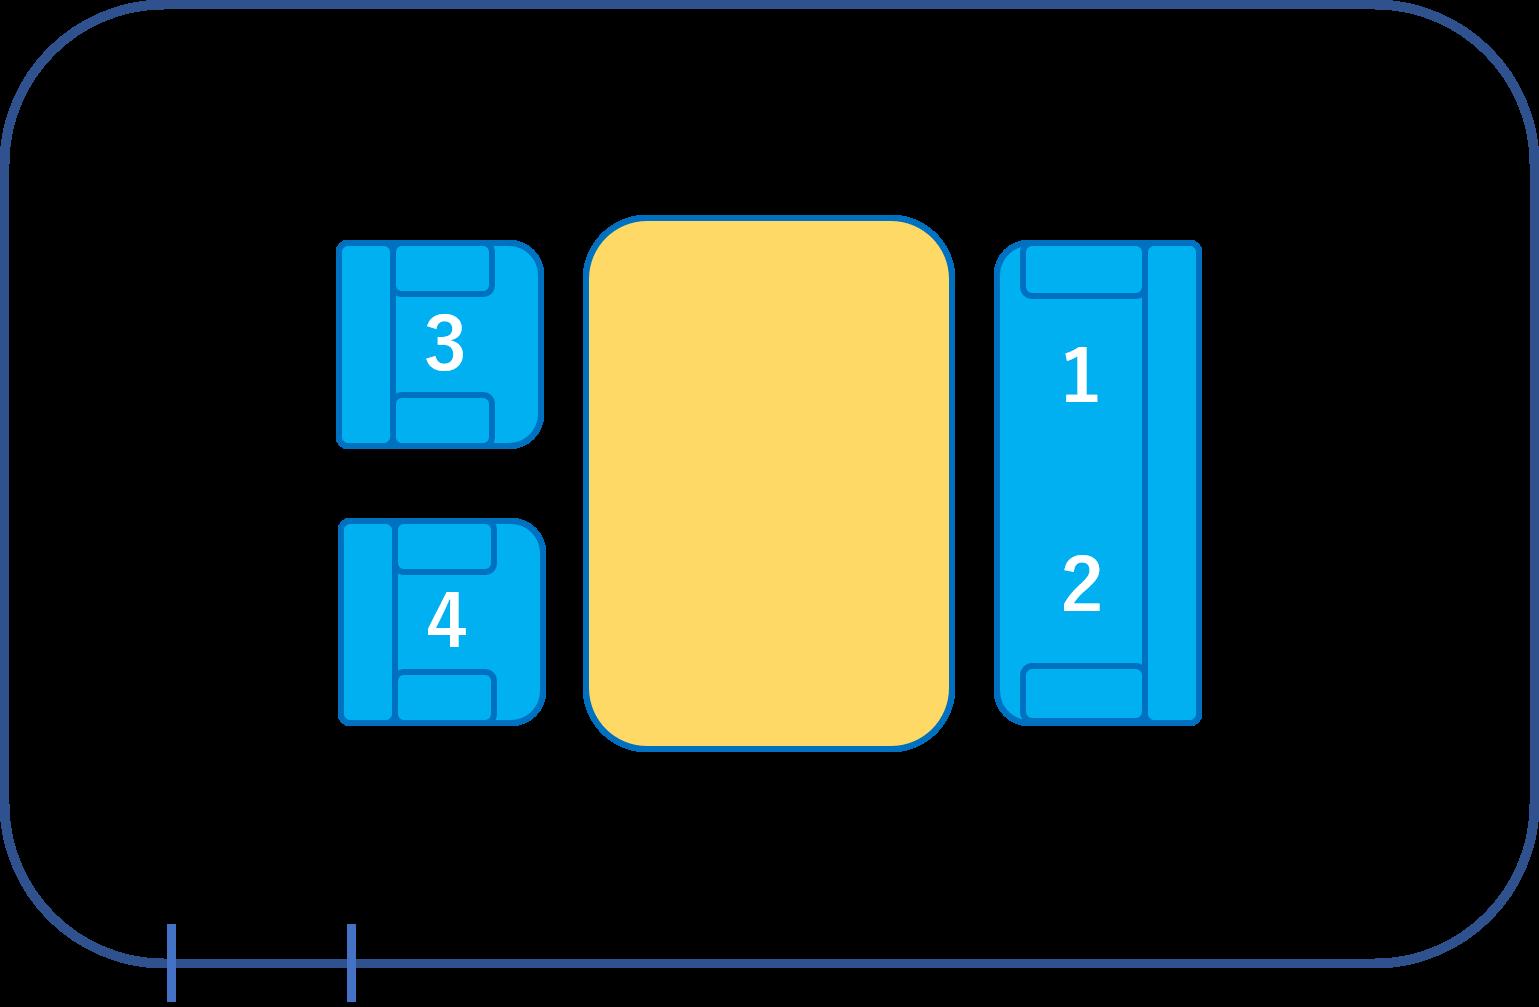 応接室などの部屋の上座・下座と席次